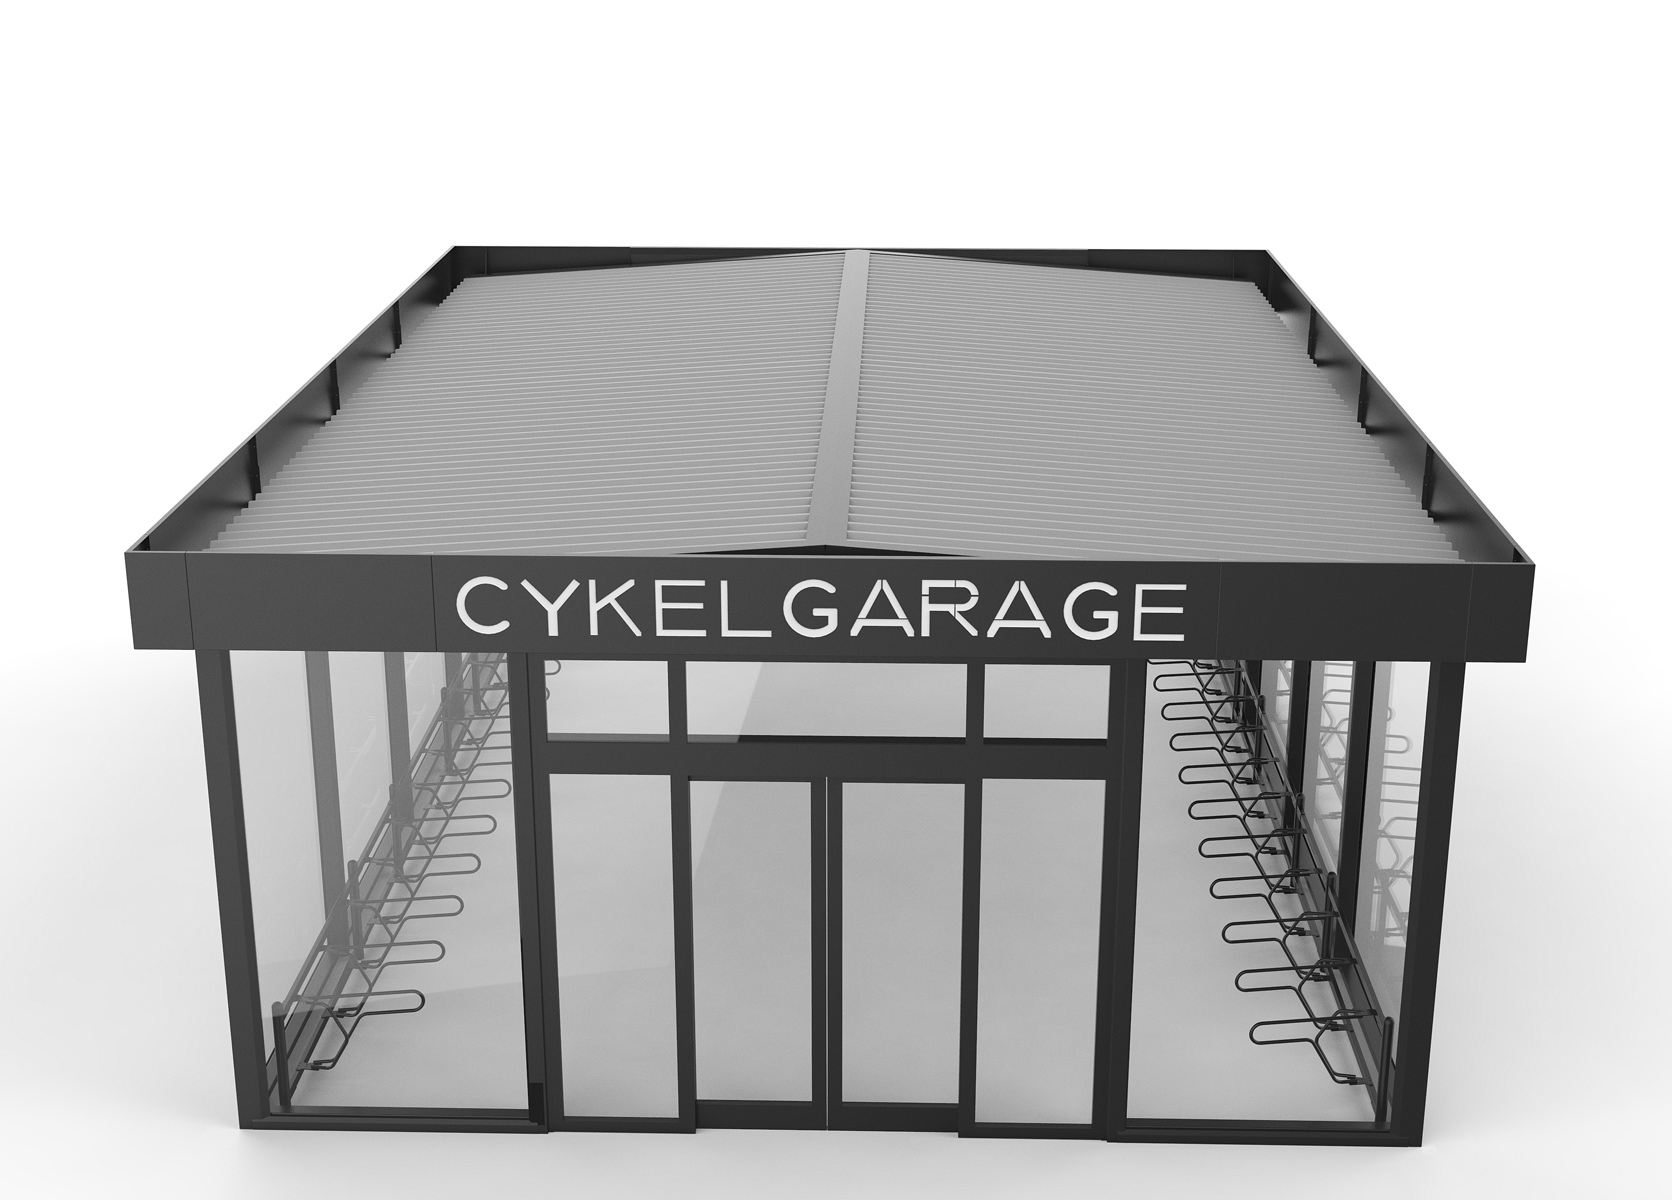 Cyklos pyörätalli, lukittu pyöränsäilytystila automaattisella liukuovella